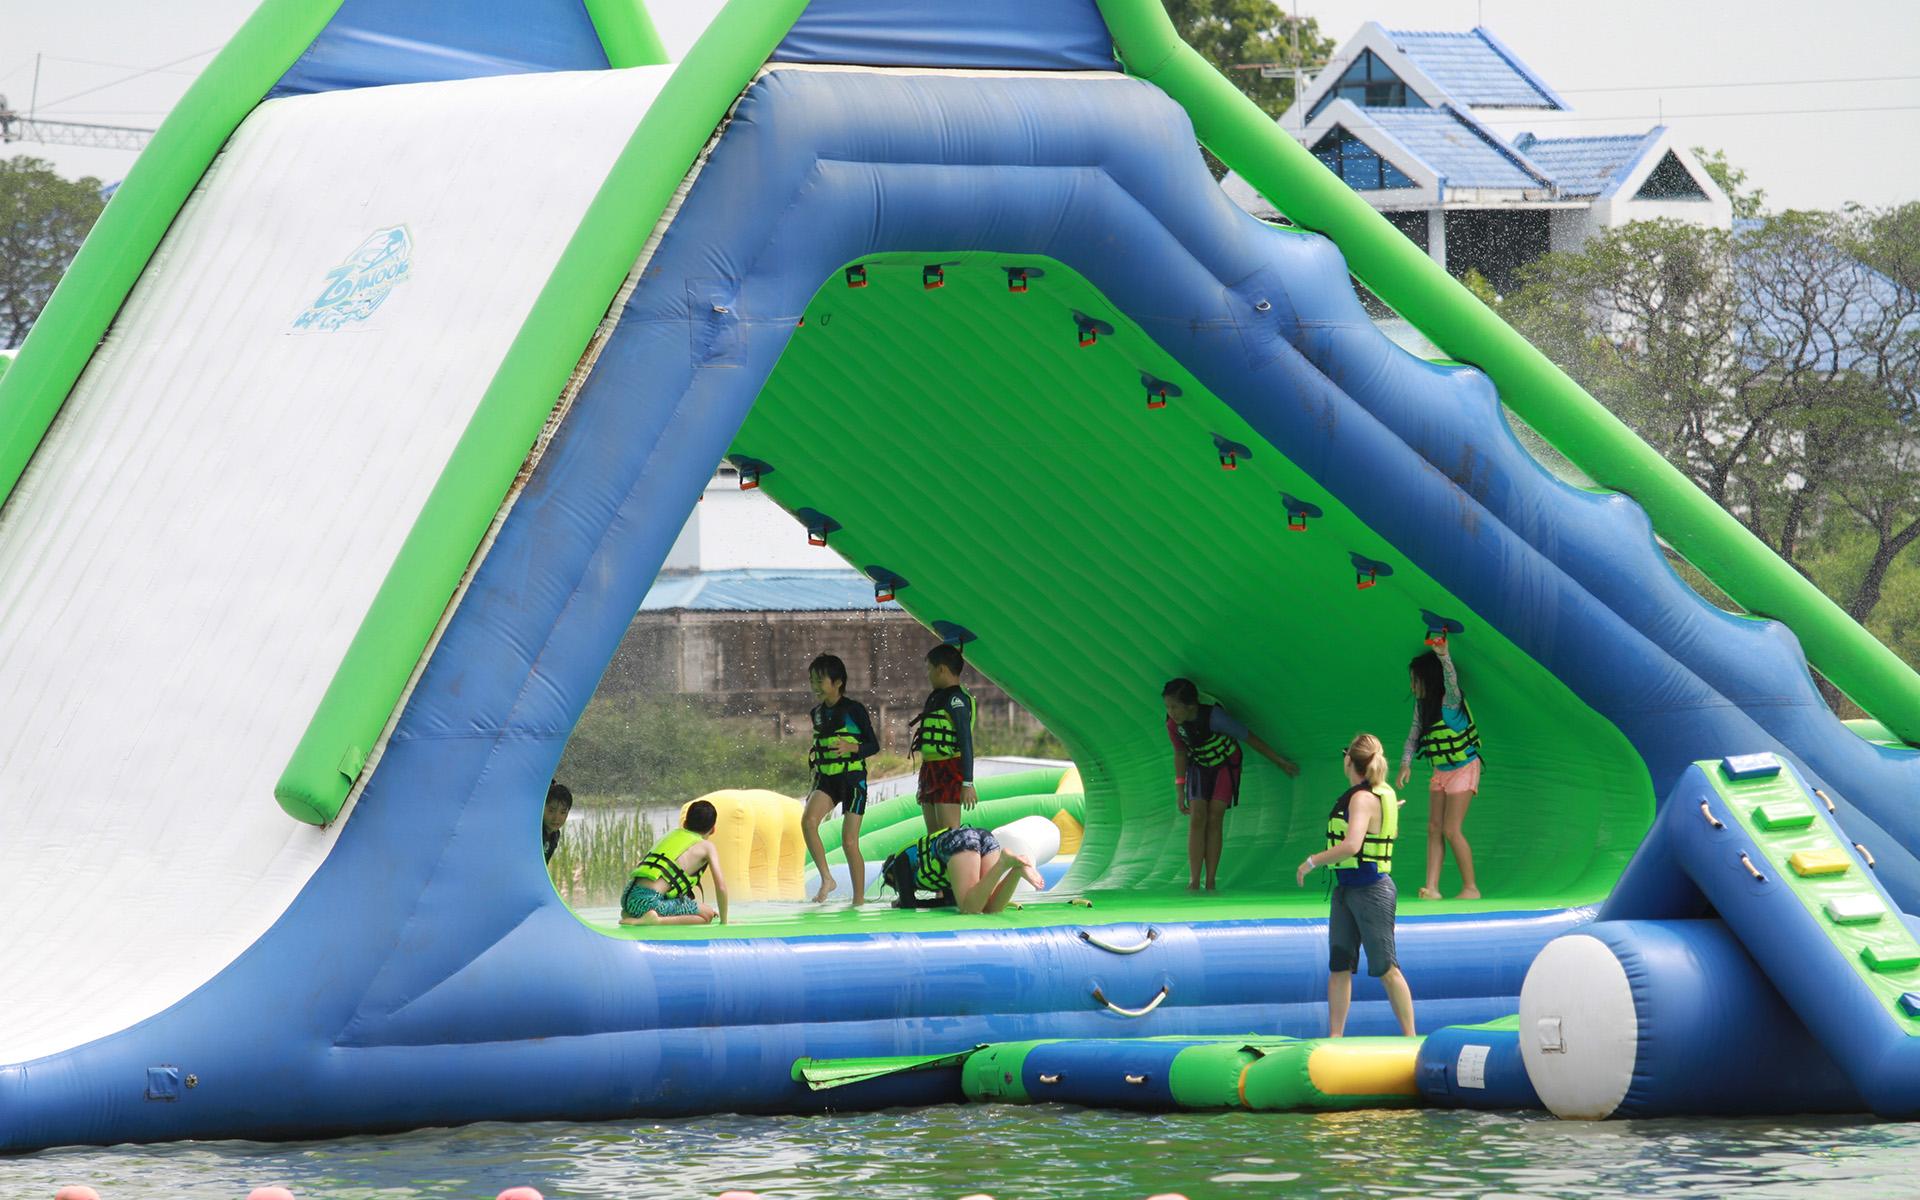 Zanook-Wake-Park-aquapark-1.jpg